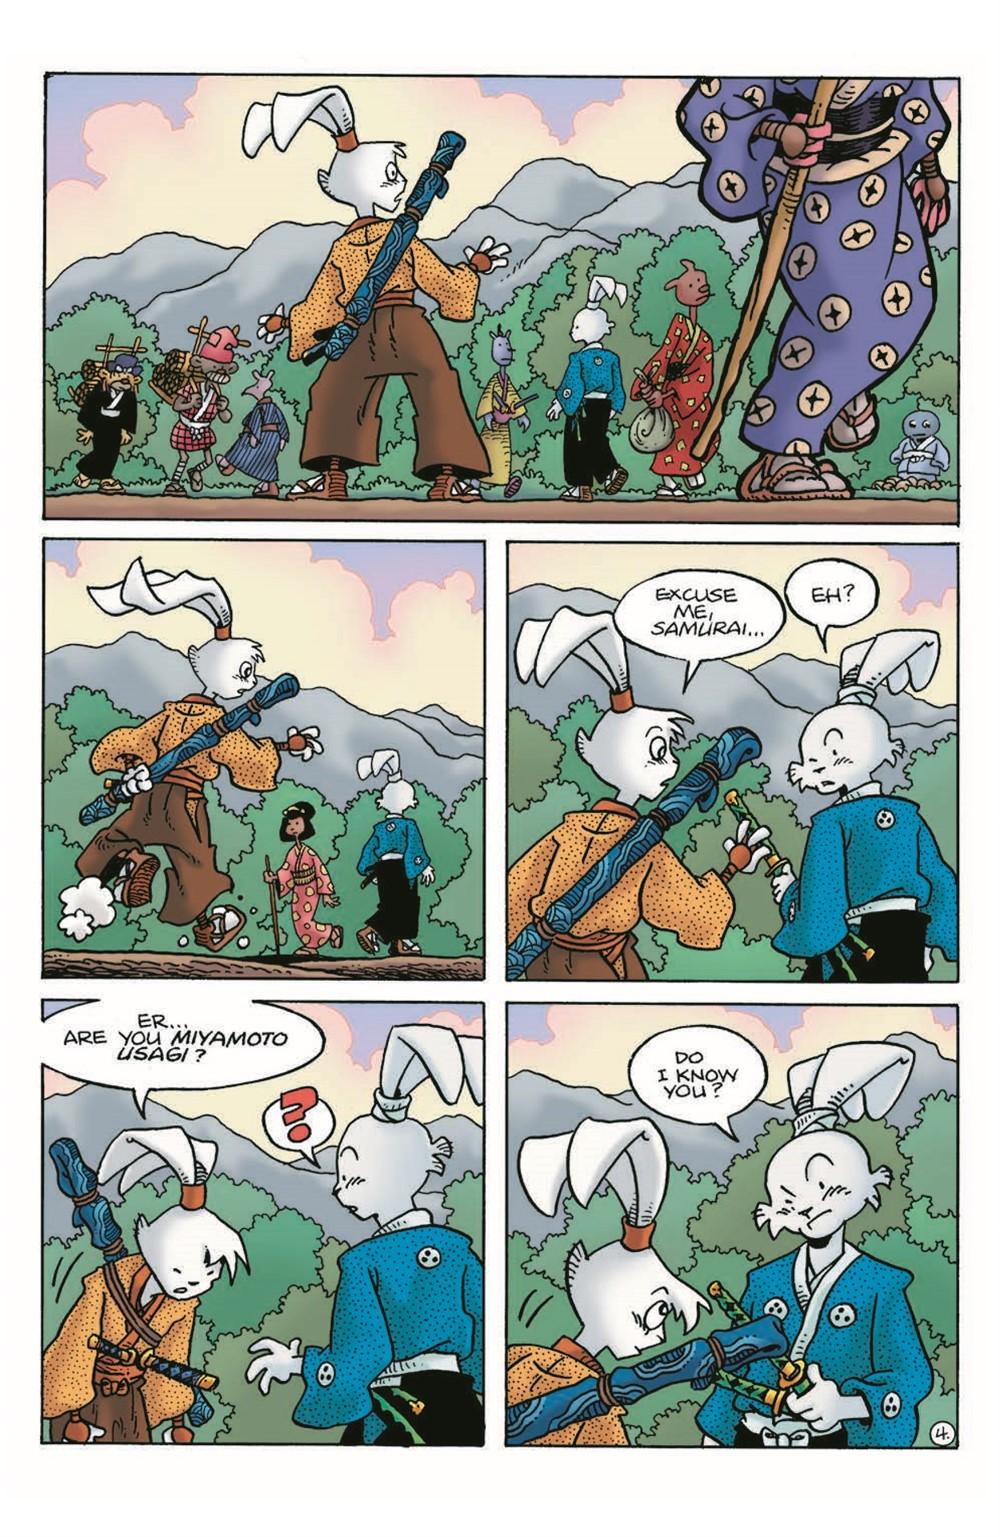 Usagi20_2nd_pr-6 ComicList Previews: USAGI YOJIMBO #20 (2ND PRINTING)